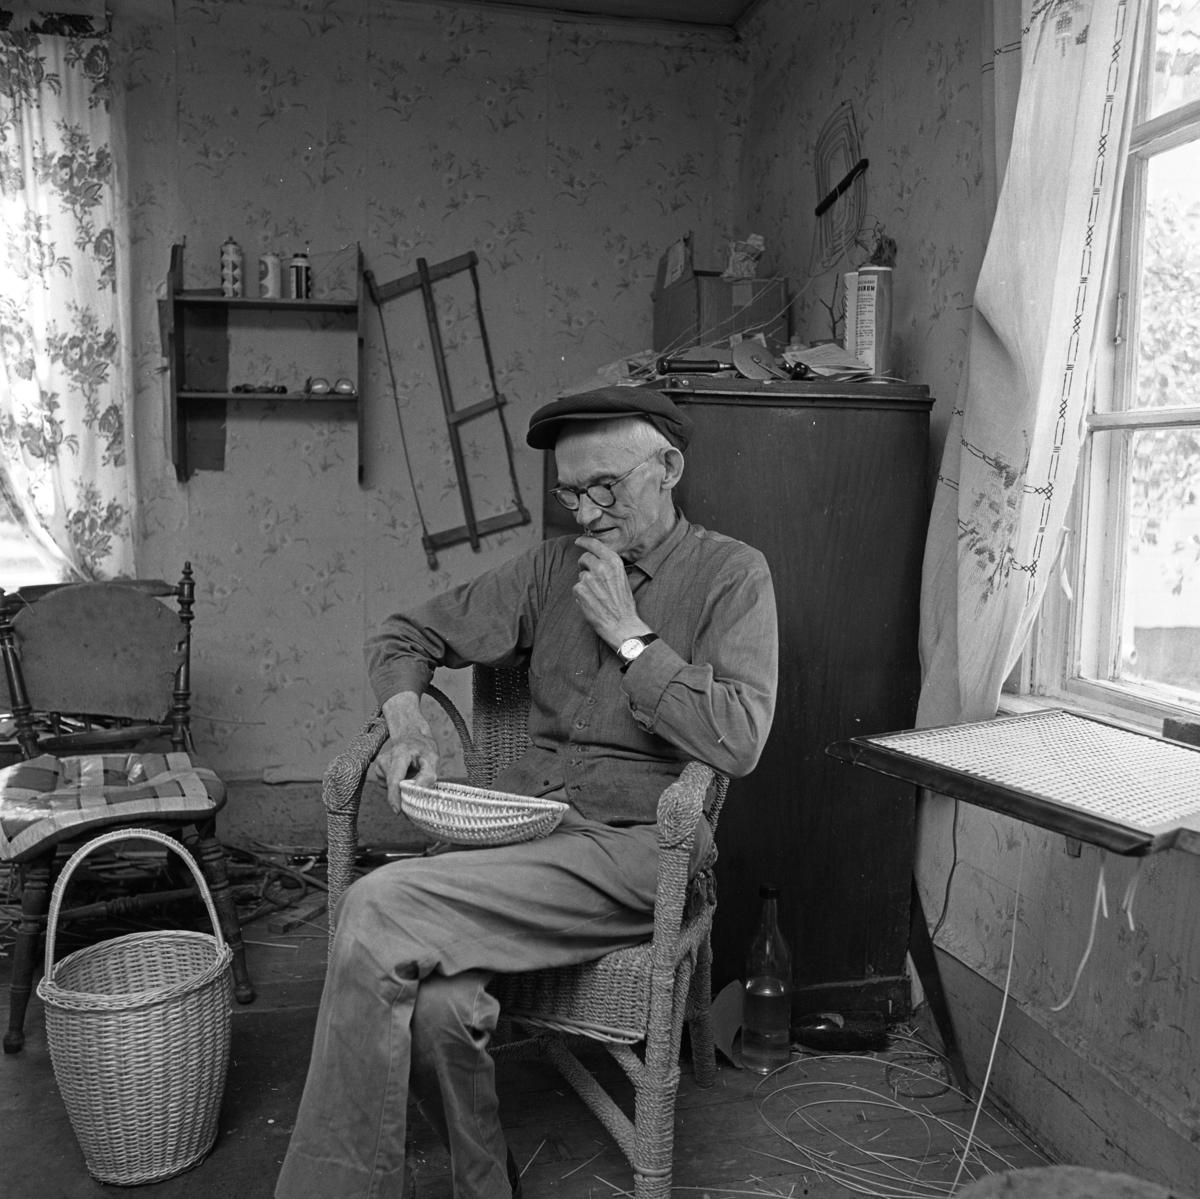 Korgmakare Oskar Larsson i Sjölunda, Tyringe. Oskar har sin verkstad i ett av rummen i bostadshuset. På väggen hänger en såg. På byrån ligger en borr. En färdig korg står på golvet. Vid fönstret ligger en snart färdig stolsits. Oskar är gift med Maja. Oskar lärde grannbarnen att spela schack.